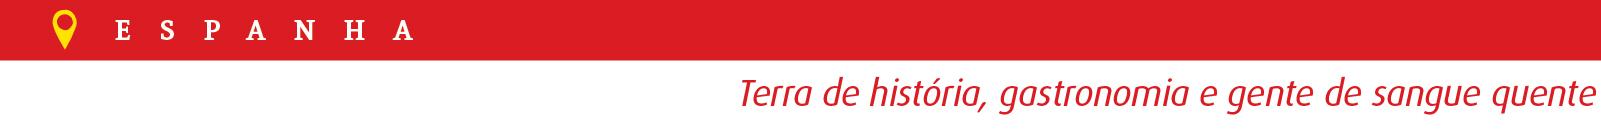 Viagens para Espanha | Pinto Lopes Viagens